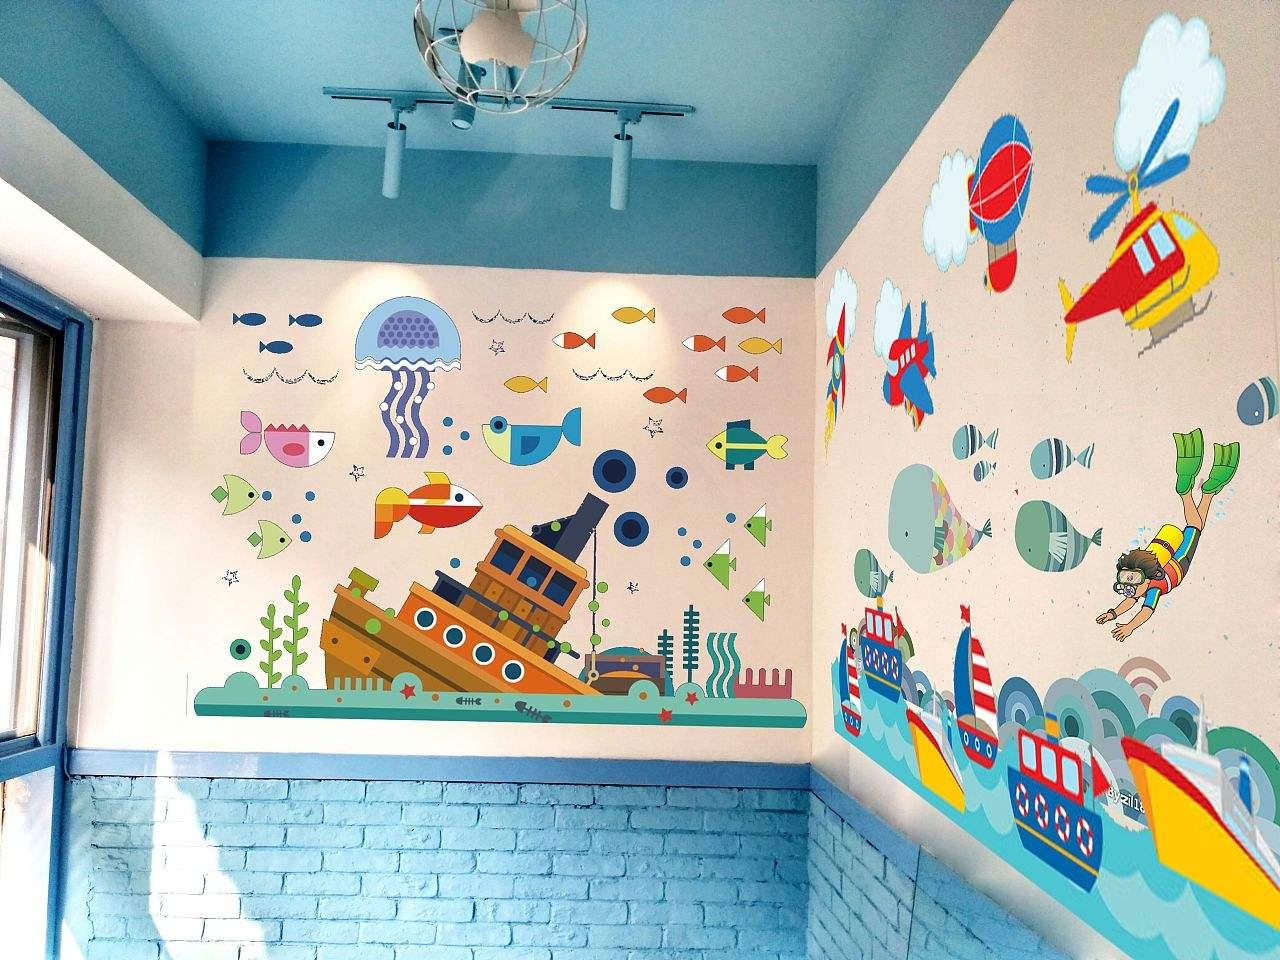 赣州立体画彩绘,赣州手绘彩绘墙,赣州立体画,赣州手绘墙体,赣州墙绘3d